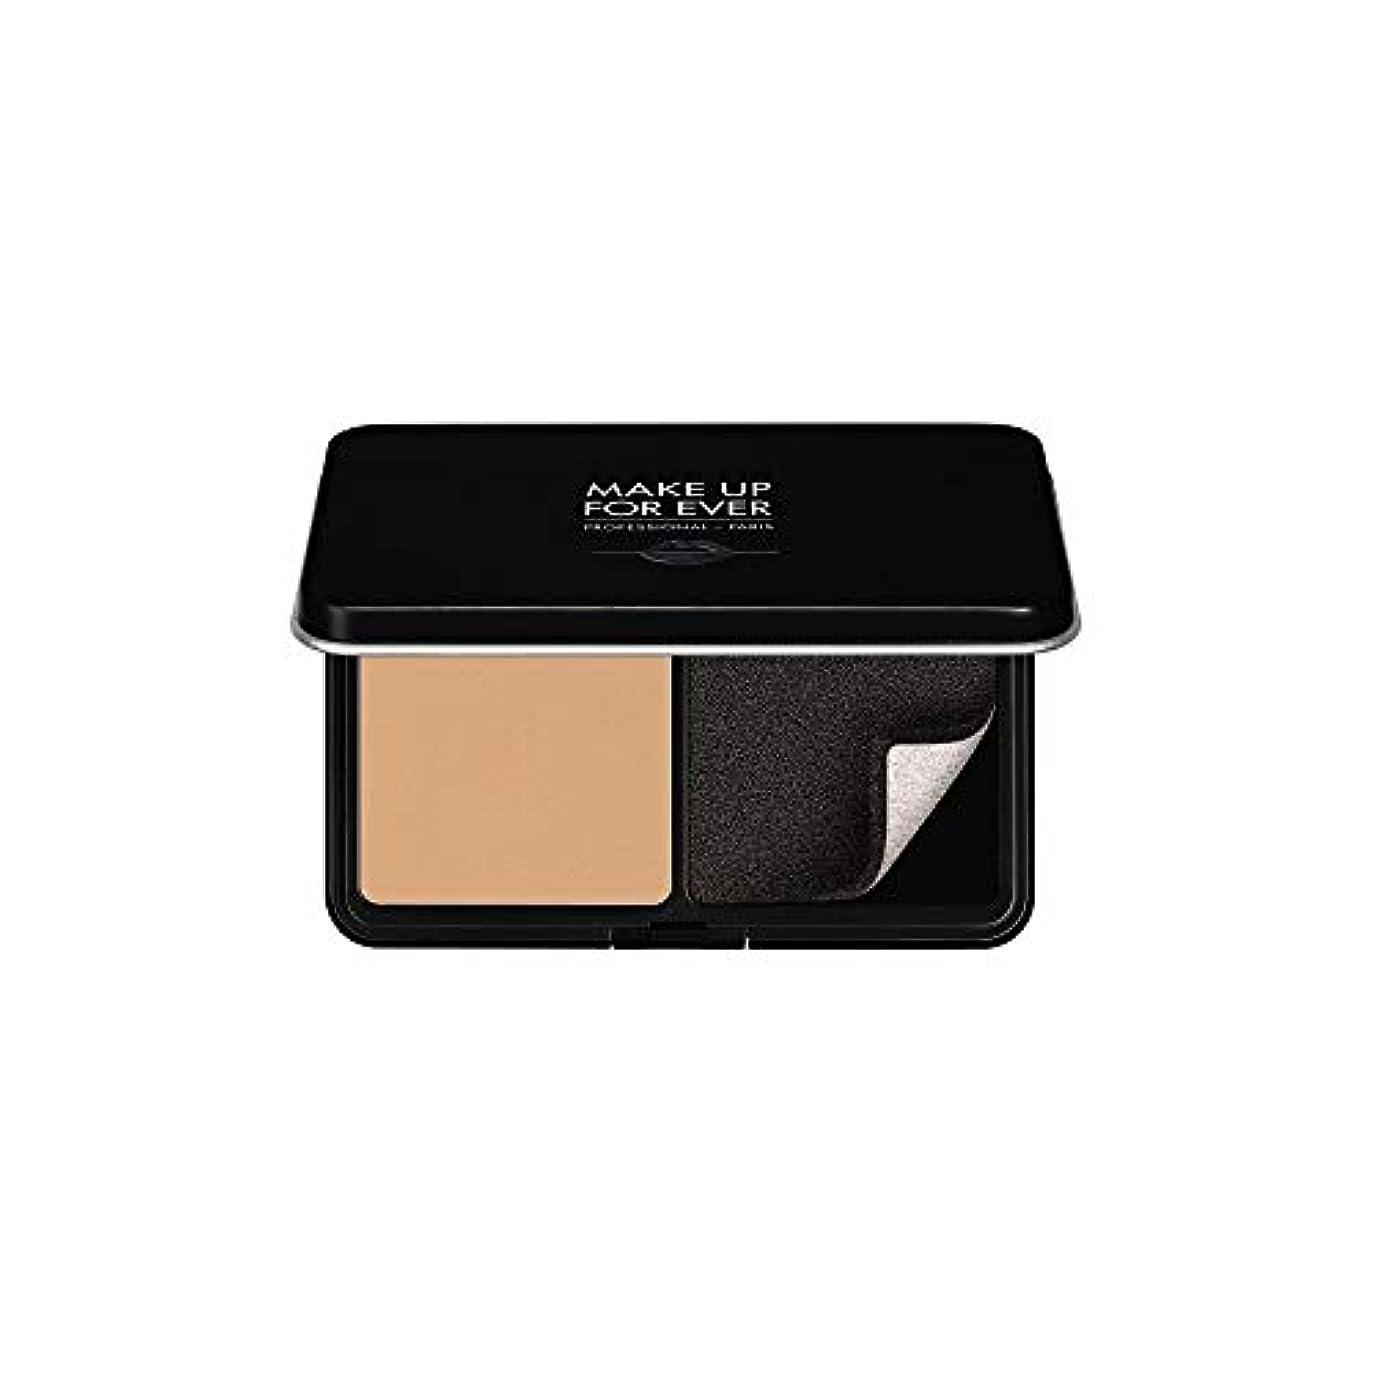 ワーディアンケースアーティキュレーションランチョンメイクアップフォーエバー Matte Velvet Skin Blurring Powder Foundation - # Y305 (Soft Beige) 11g/0.38oz並行輸入品